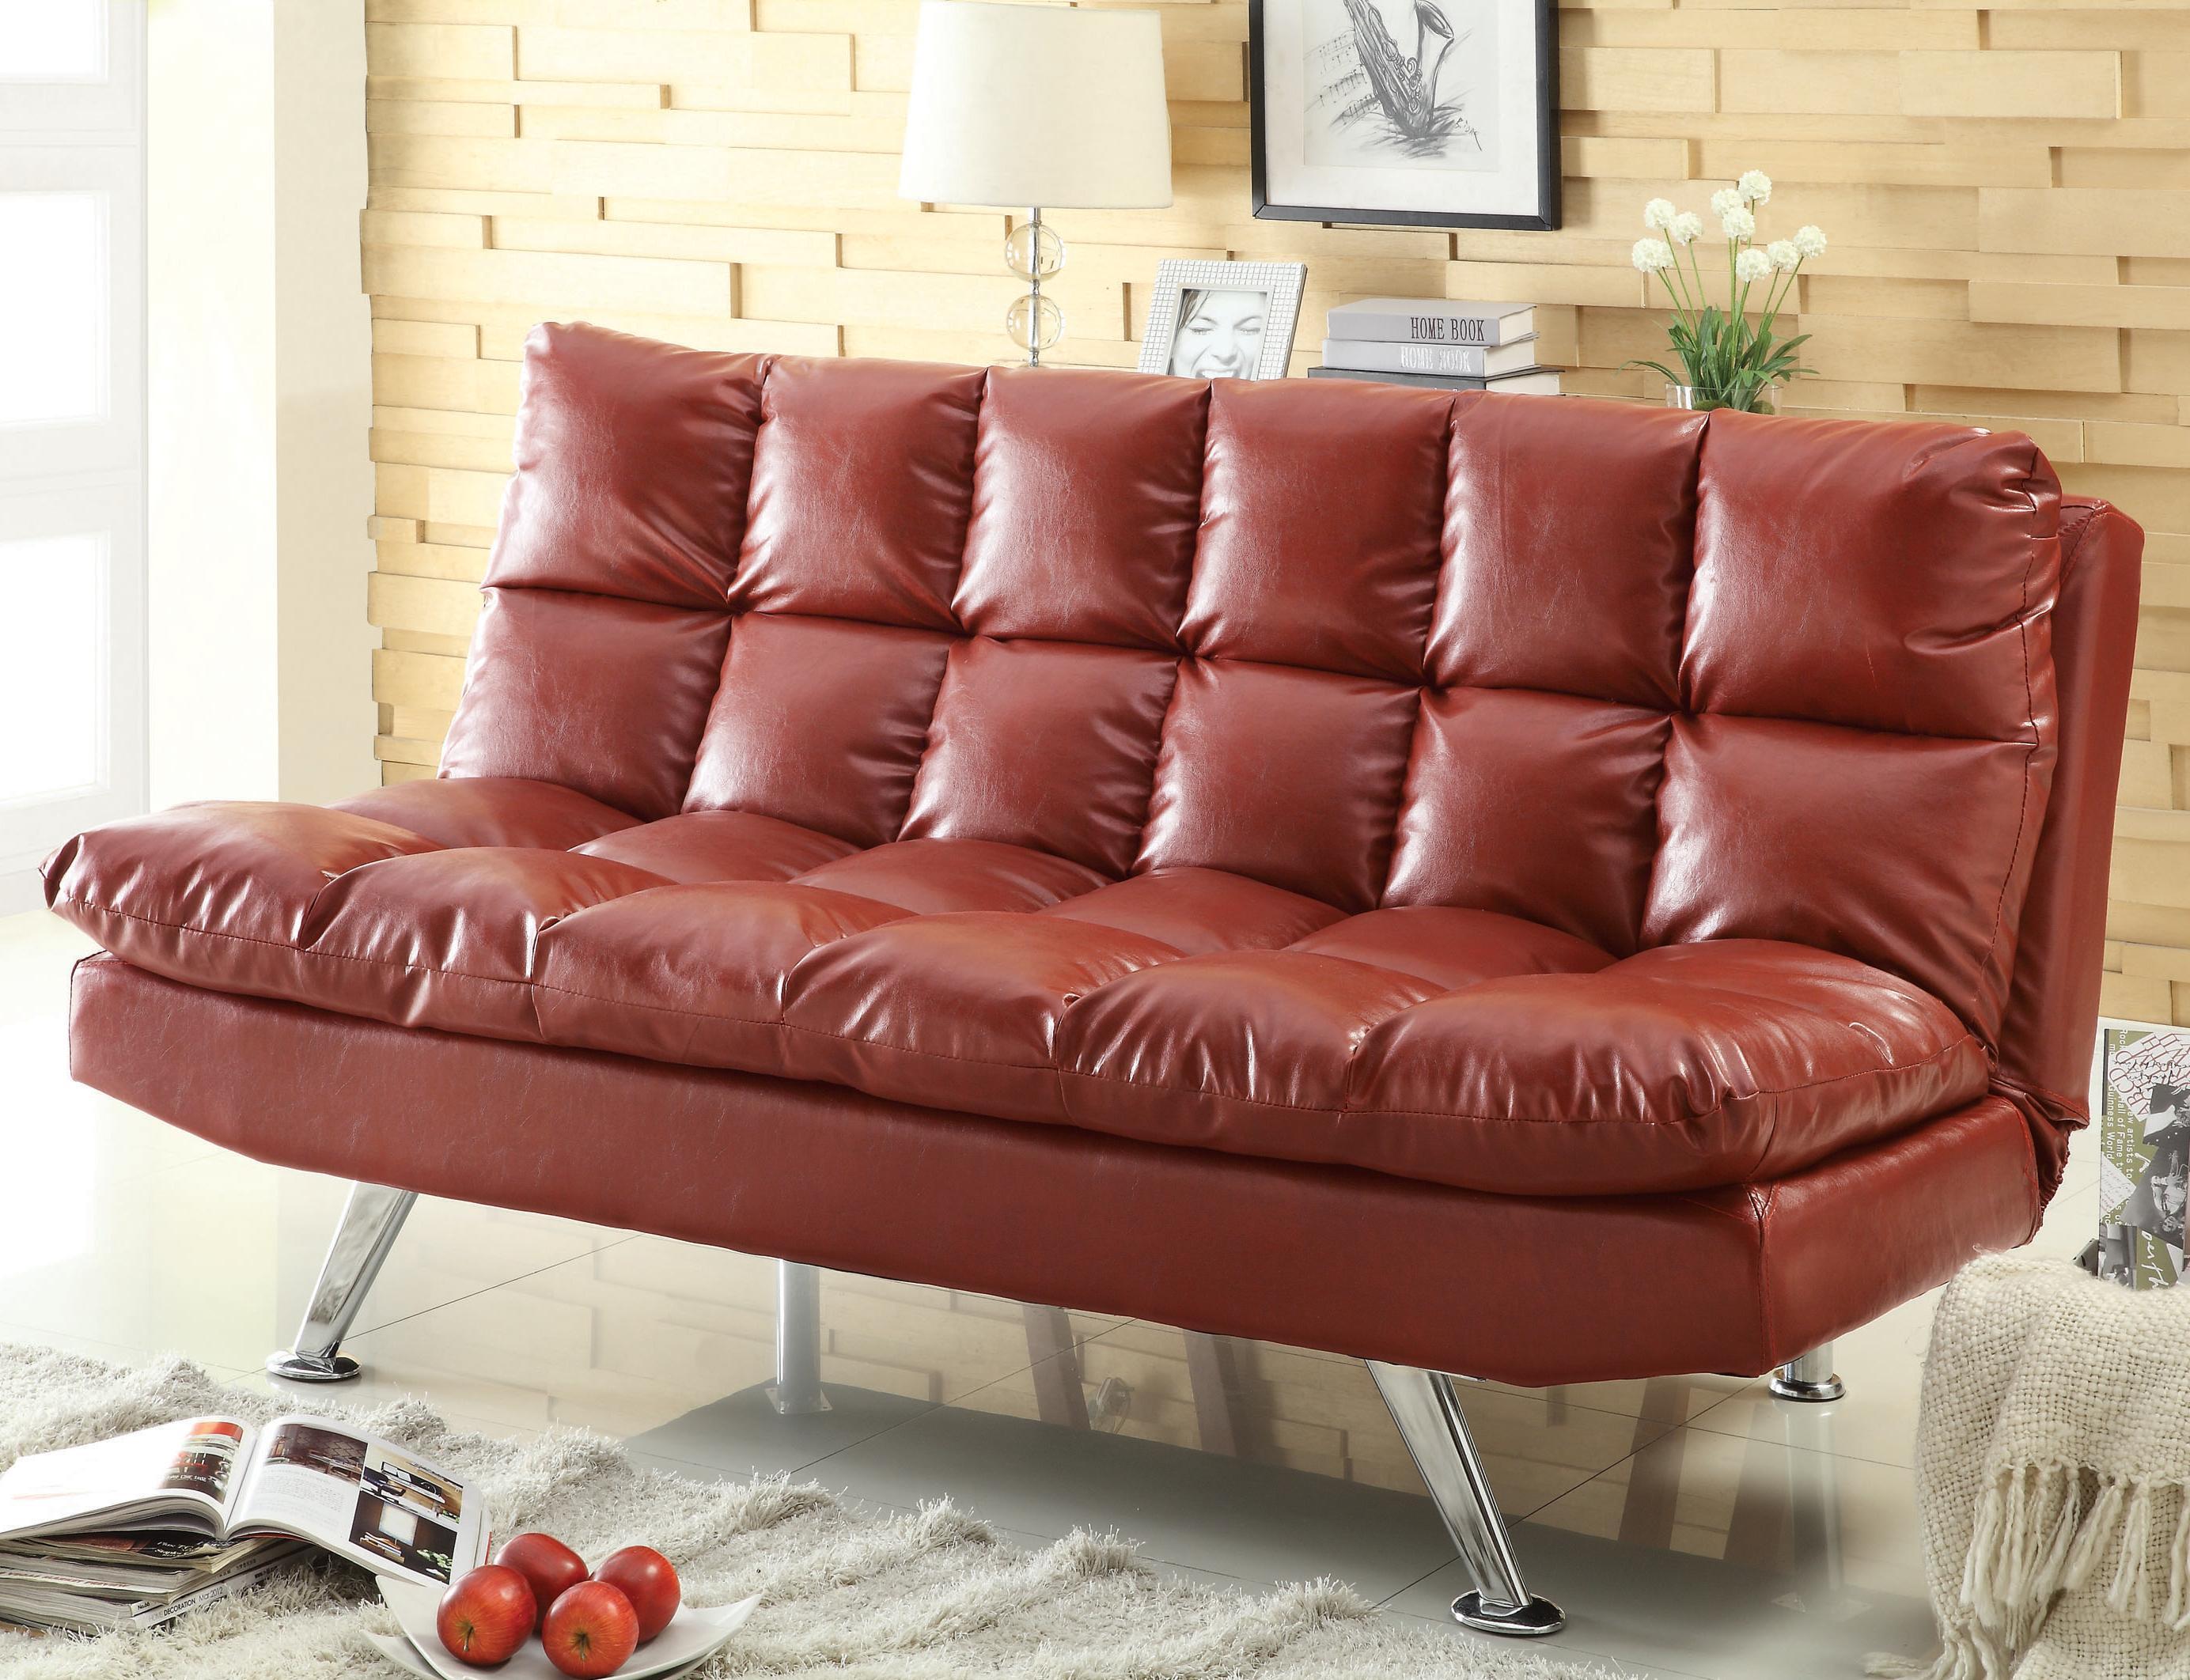 Sofa Beds_300120 B0